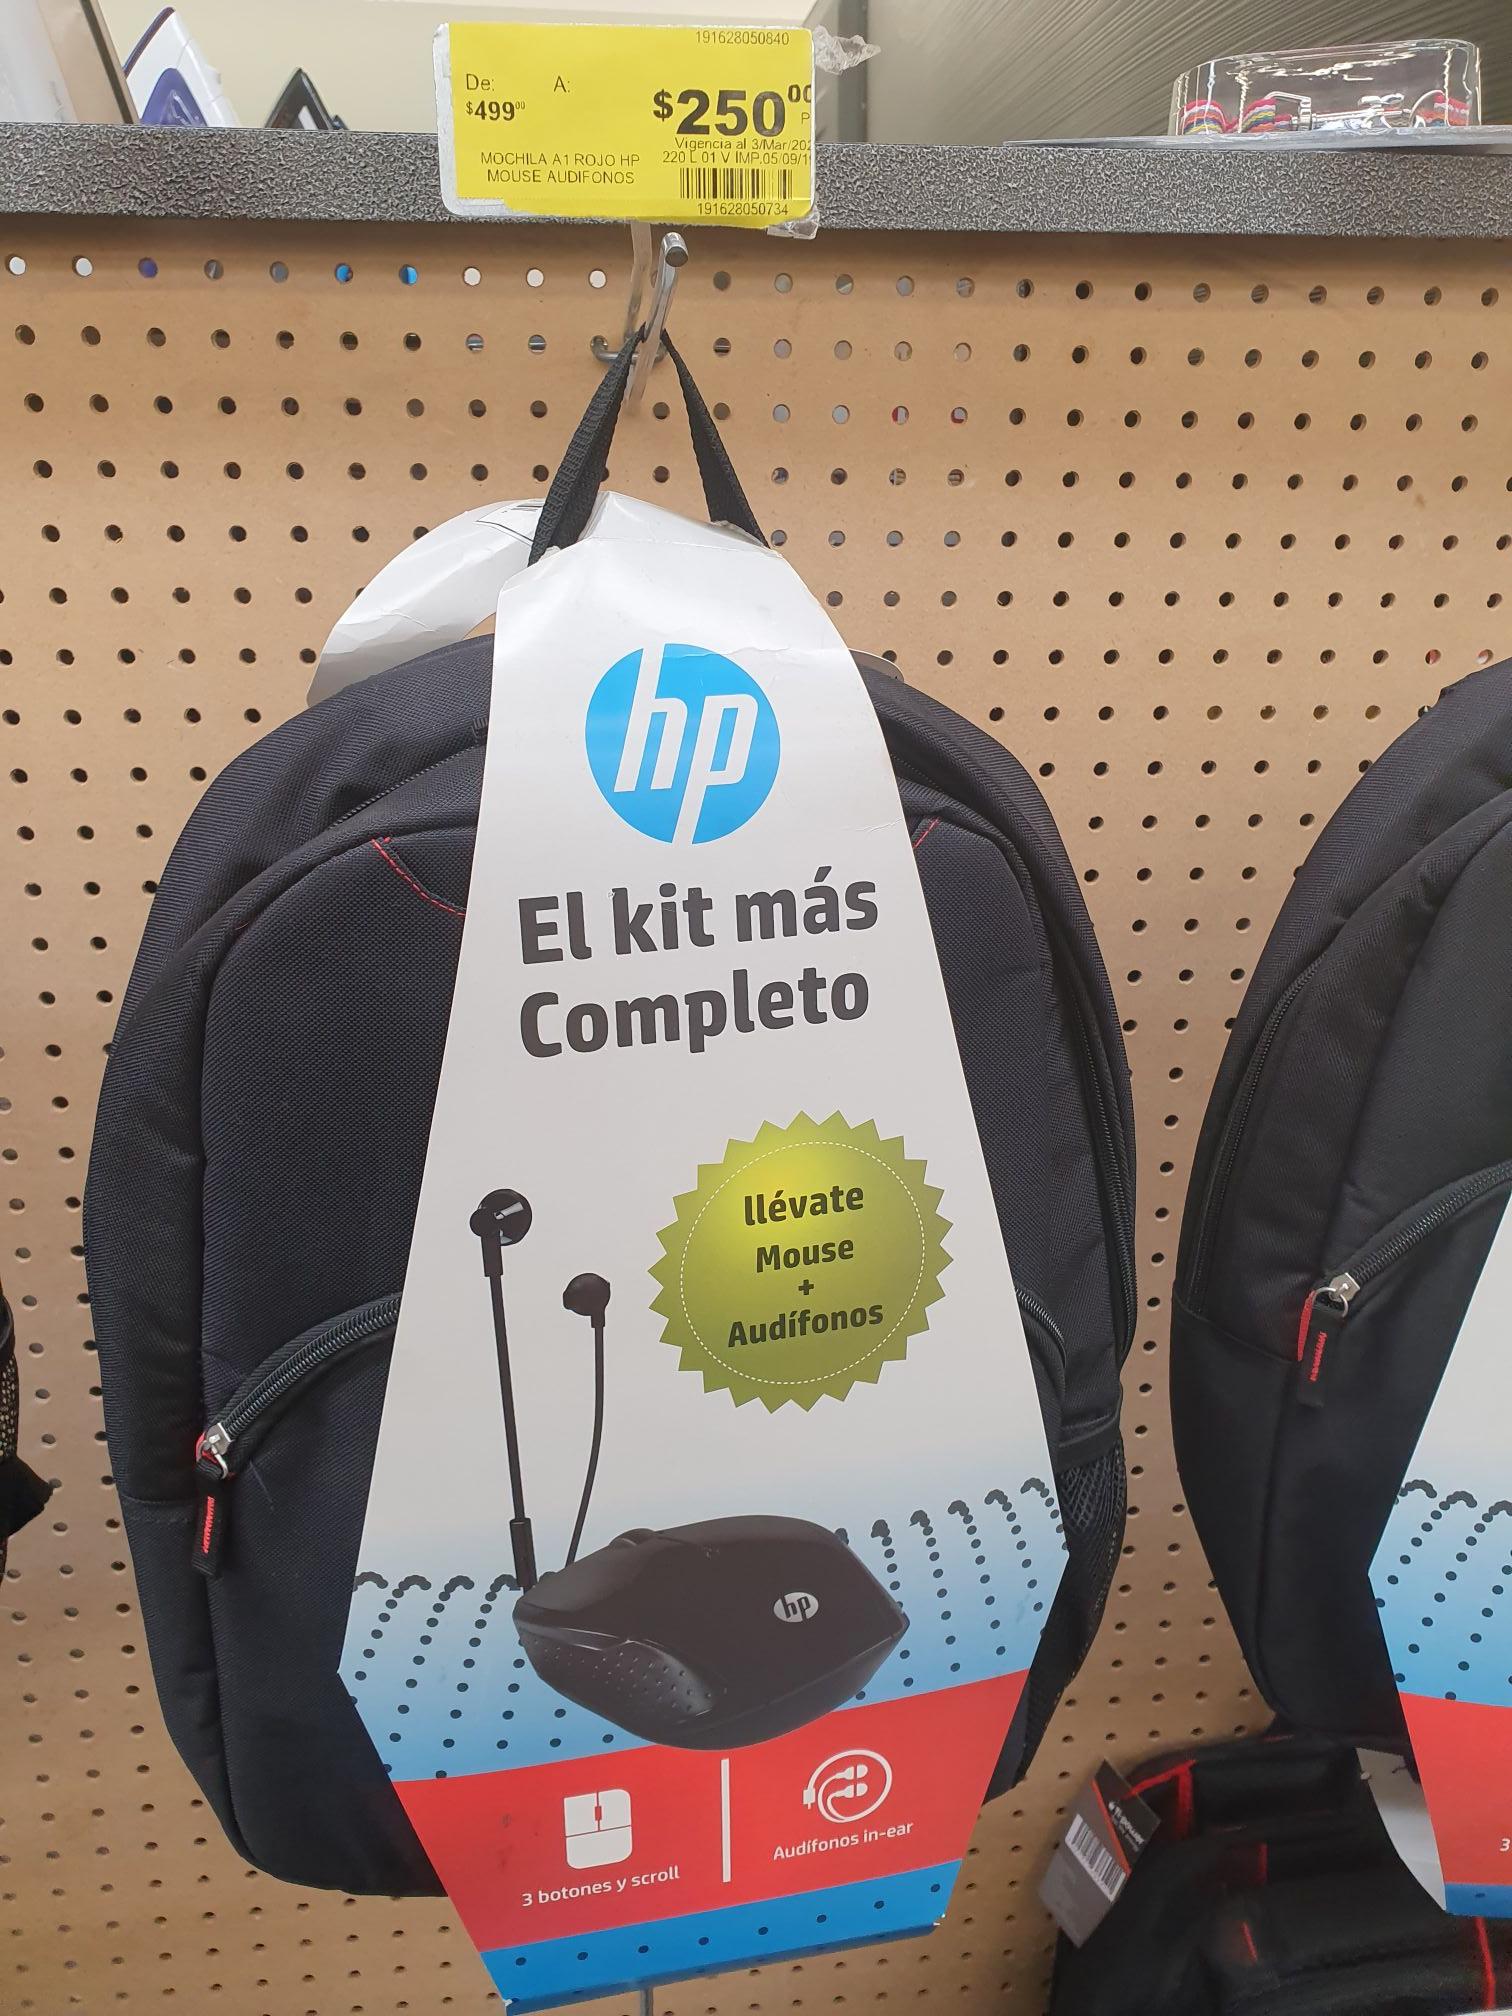 Soriana: Mochila HP con mouse inalámbrico y audífonos